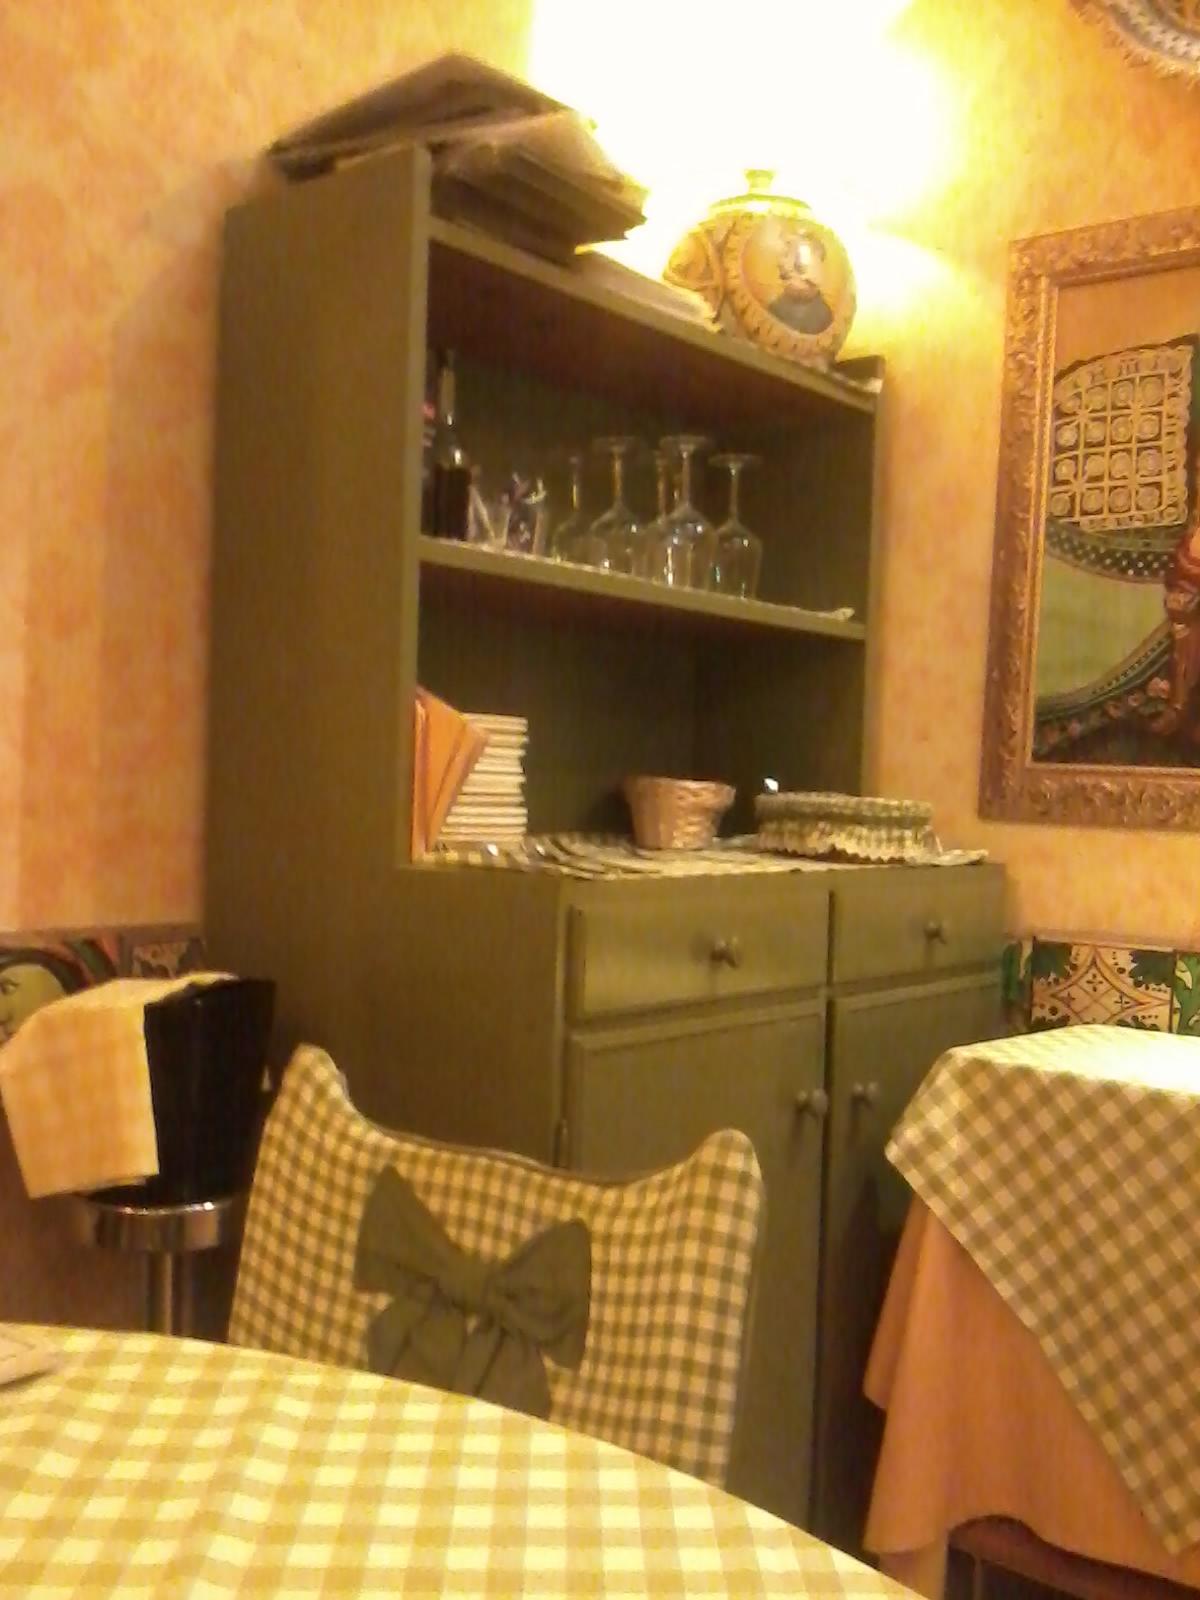 Esempio di incoerenza stilistica nell 39 arredamento di un for Arredamento ristorante italia